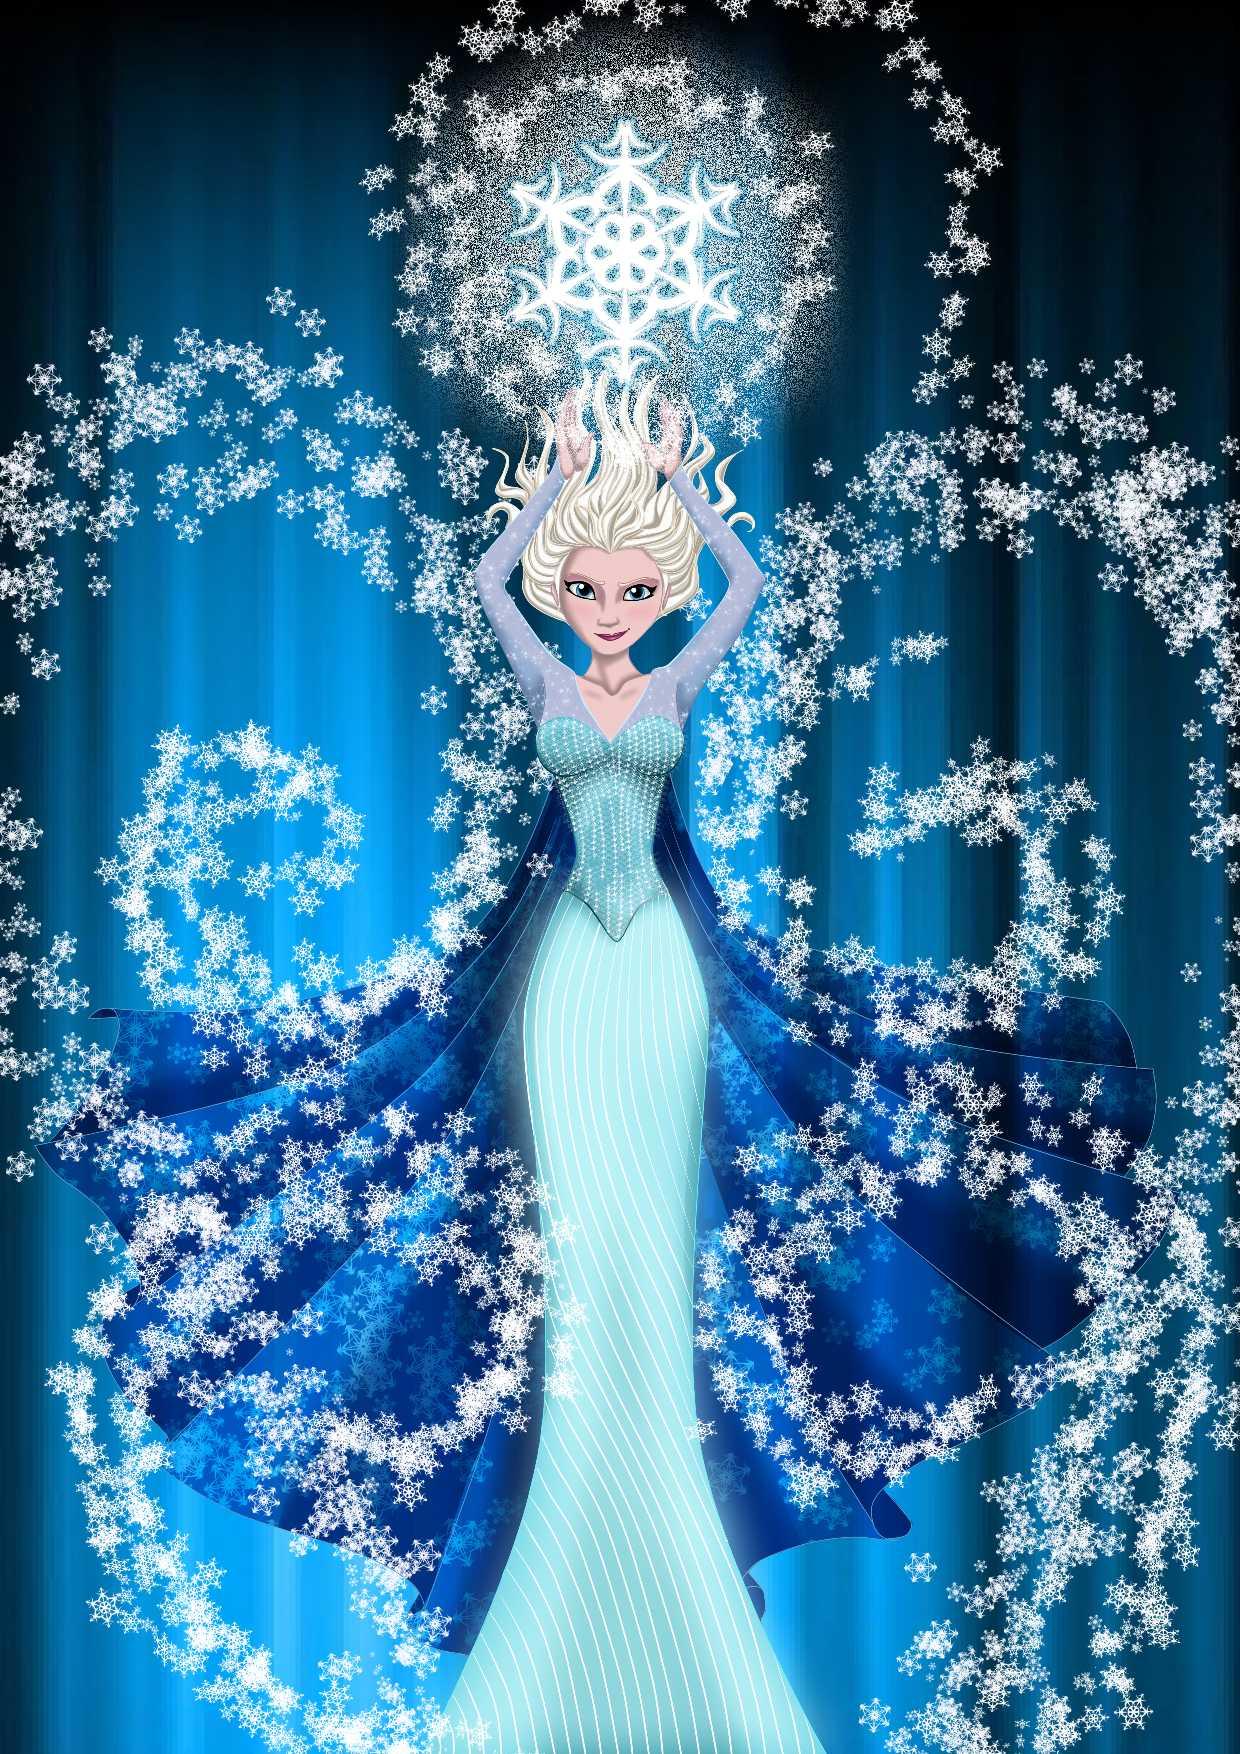 Frozen Disney Wallpapers Wallpaper Cave